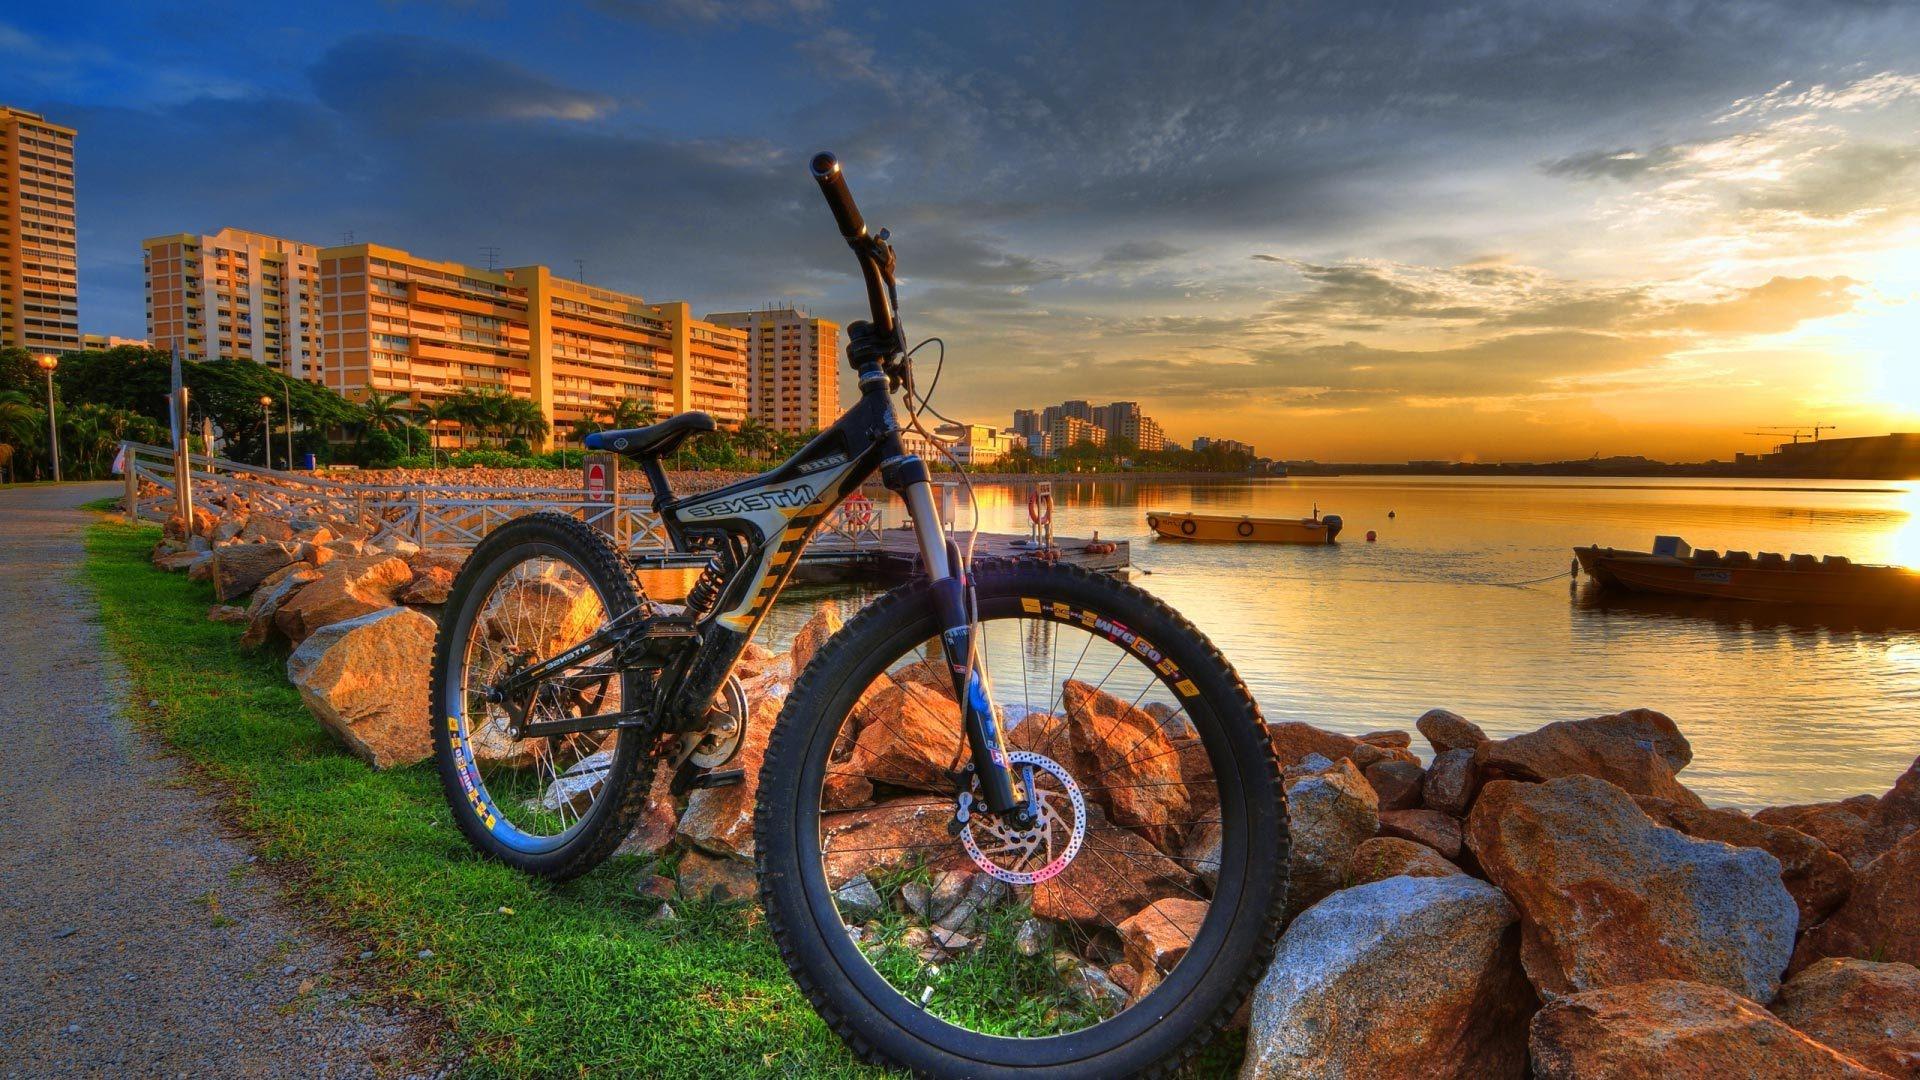 壁纸 城市,海岸,自行车,日落 1920x1080 Full Hd 2k 高清壁纸 图片 照片